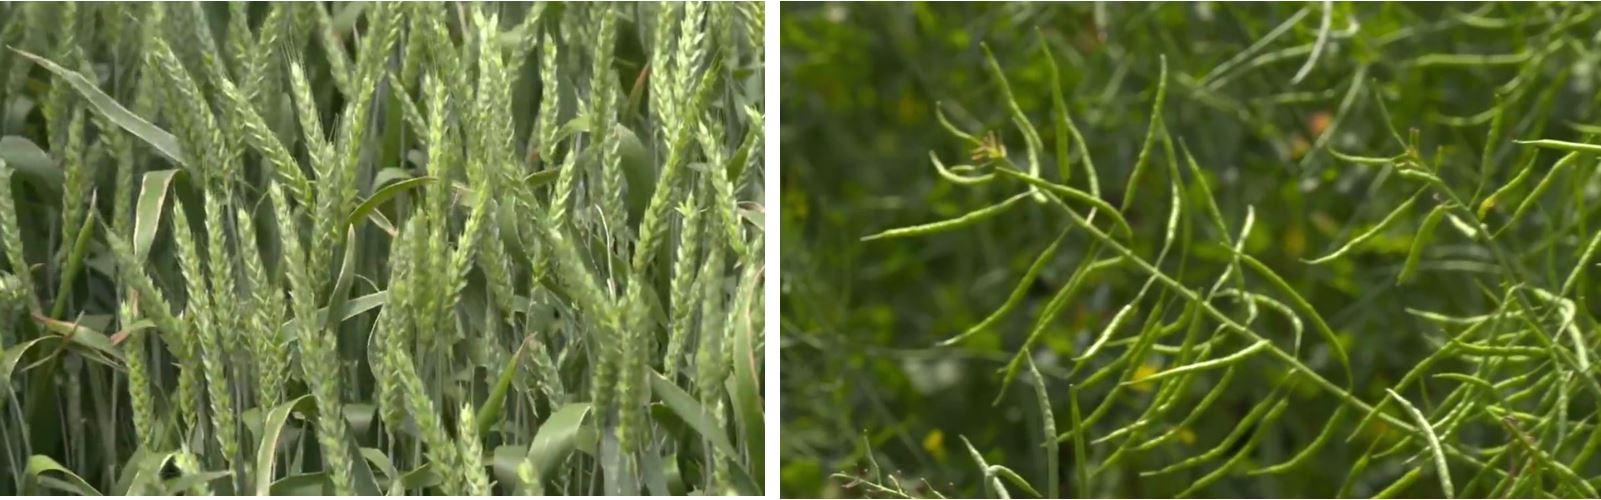 Ce am făcut la rapiță și grâu până astăzi. Rapița a fost semănată pe 31 august. Grâul a fost semănat după rapiță, pe 20 octombrie 2020. Stiri agricole